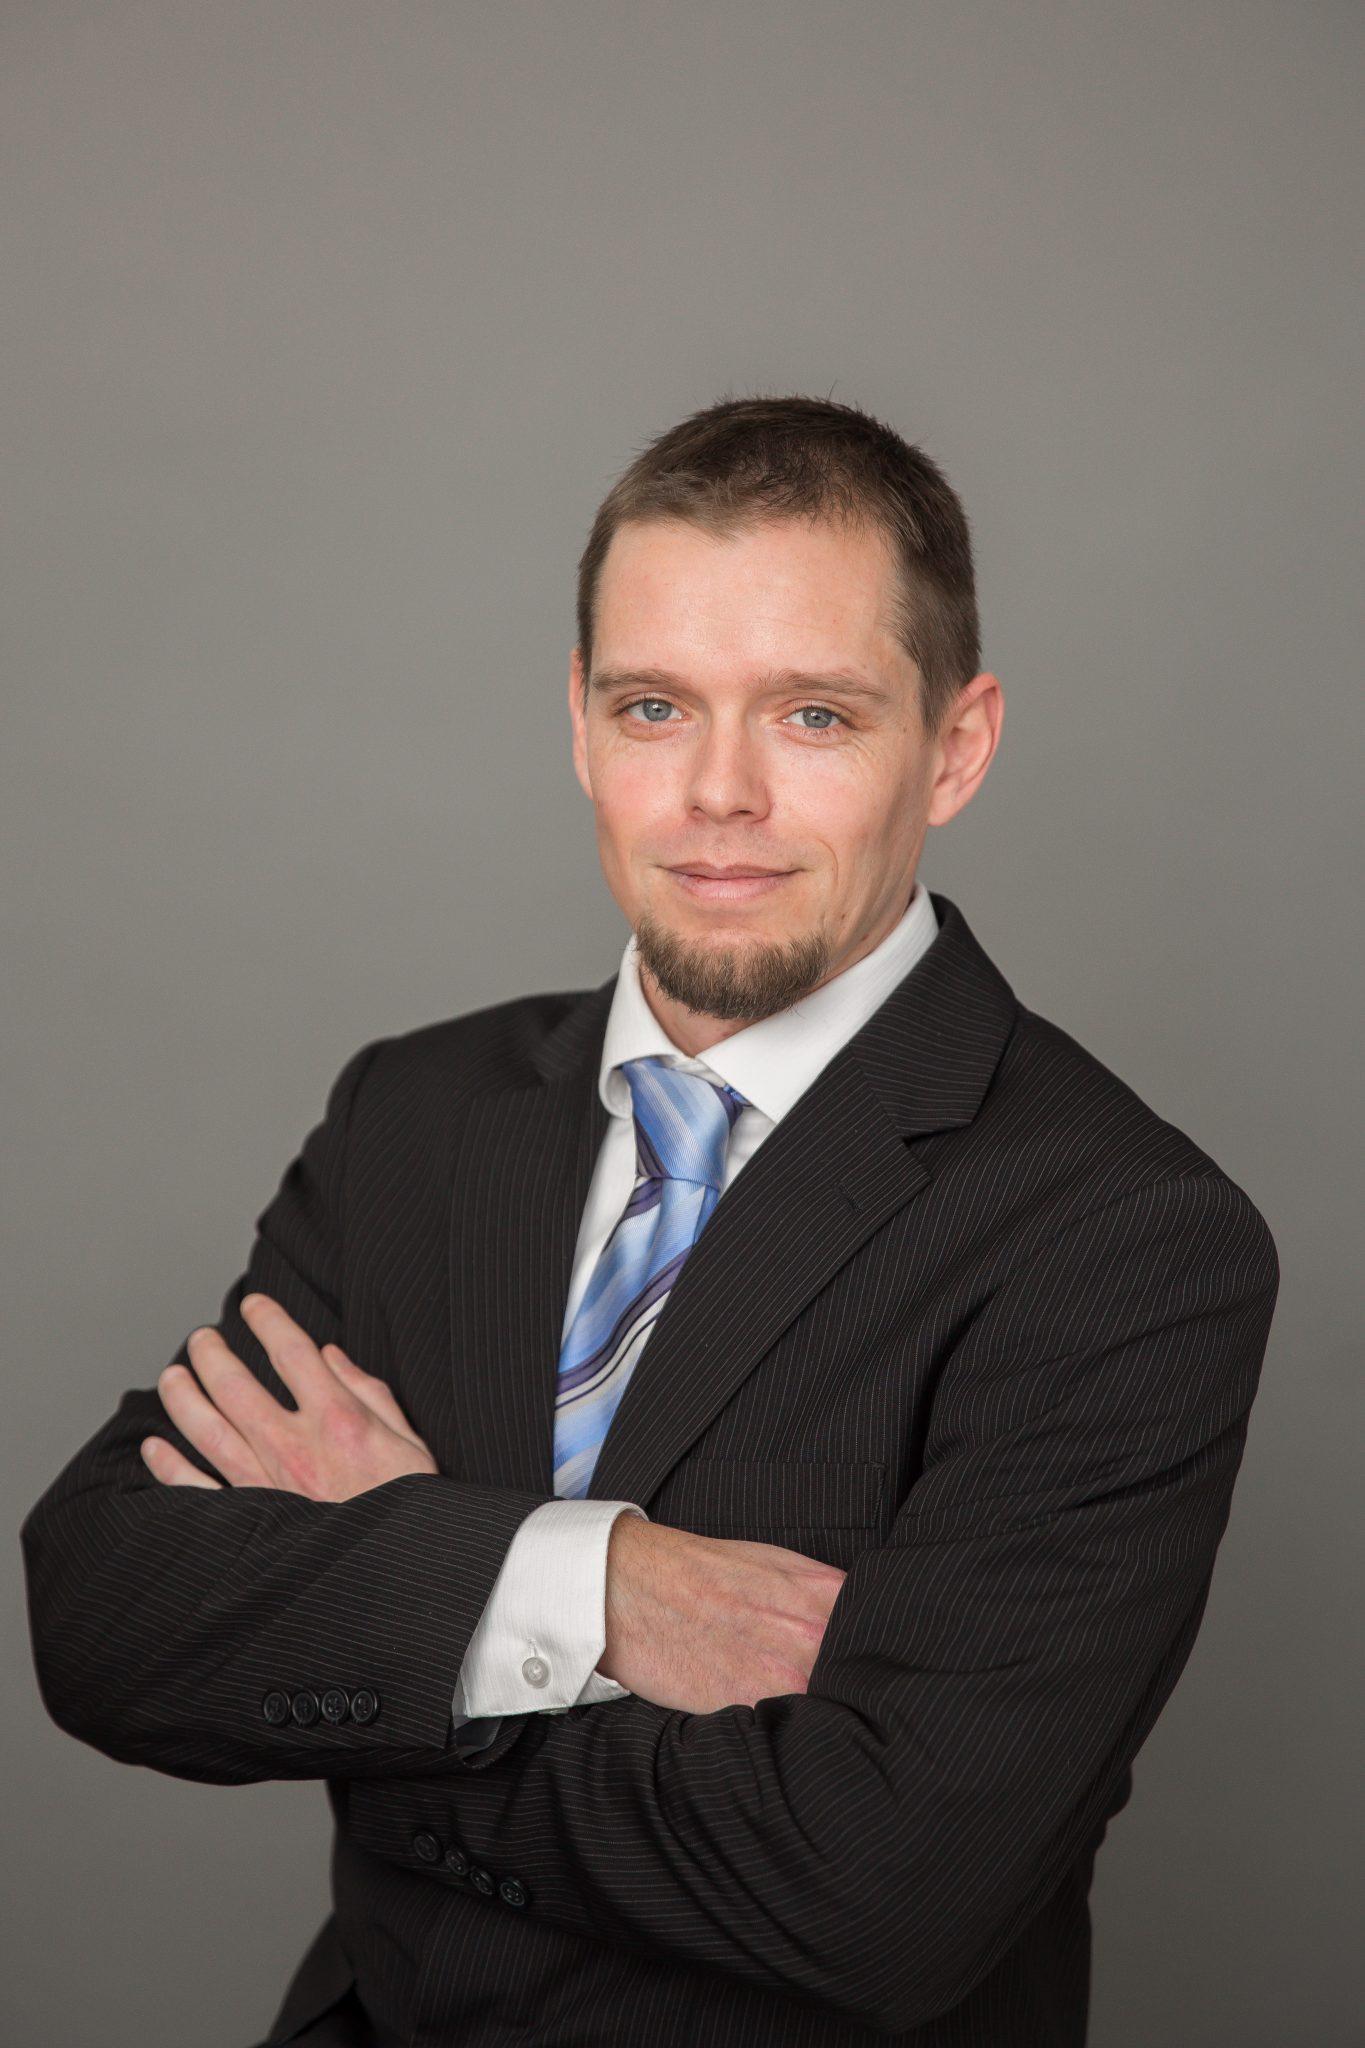 Damien Attoe